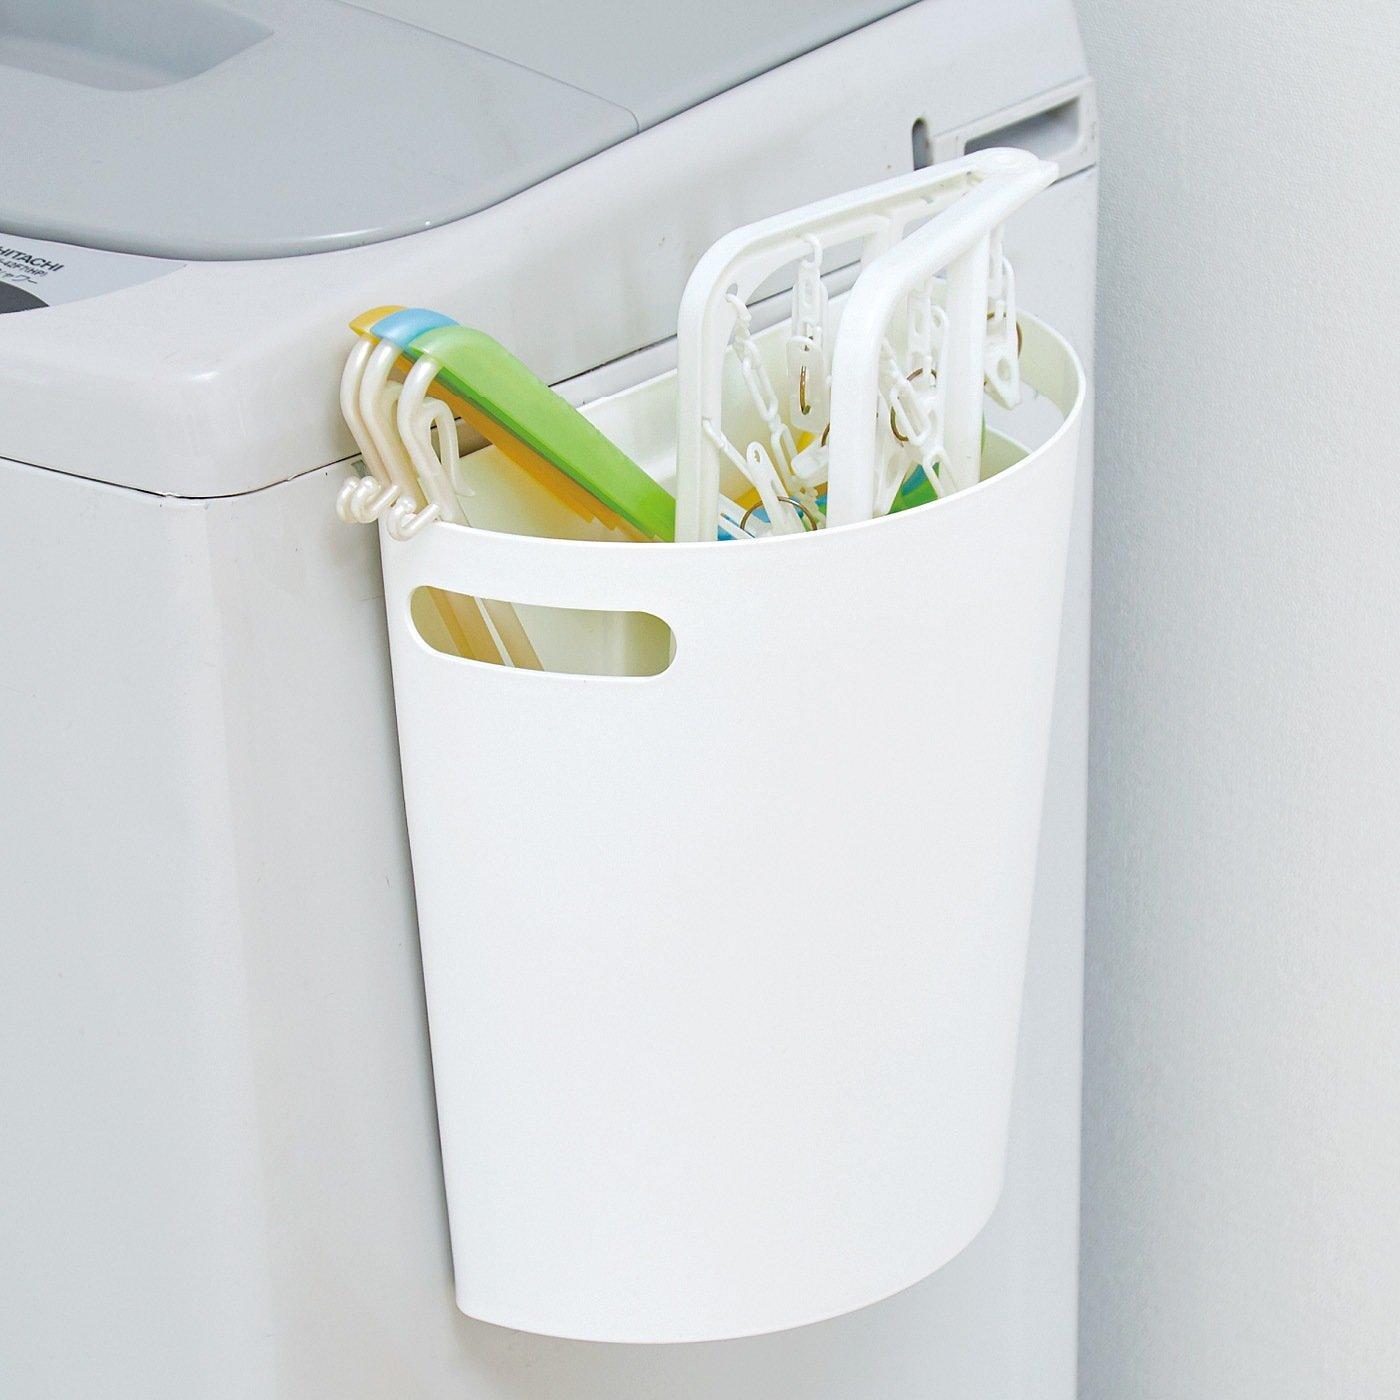 マグネットでペタ! 浮かせ収納ですっきり ゴミ箱にも使えるマルチストッカー